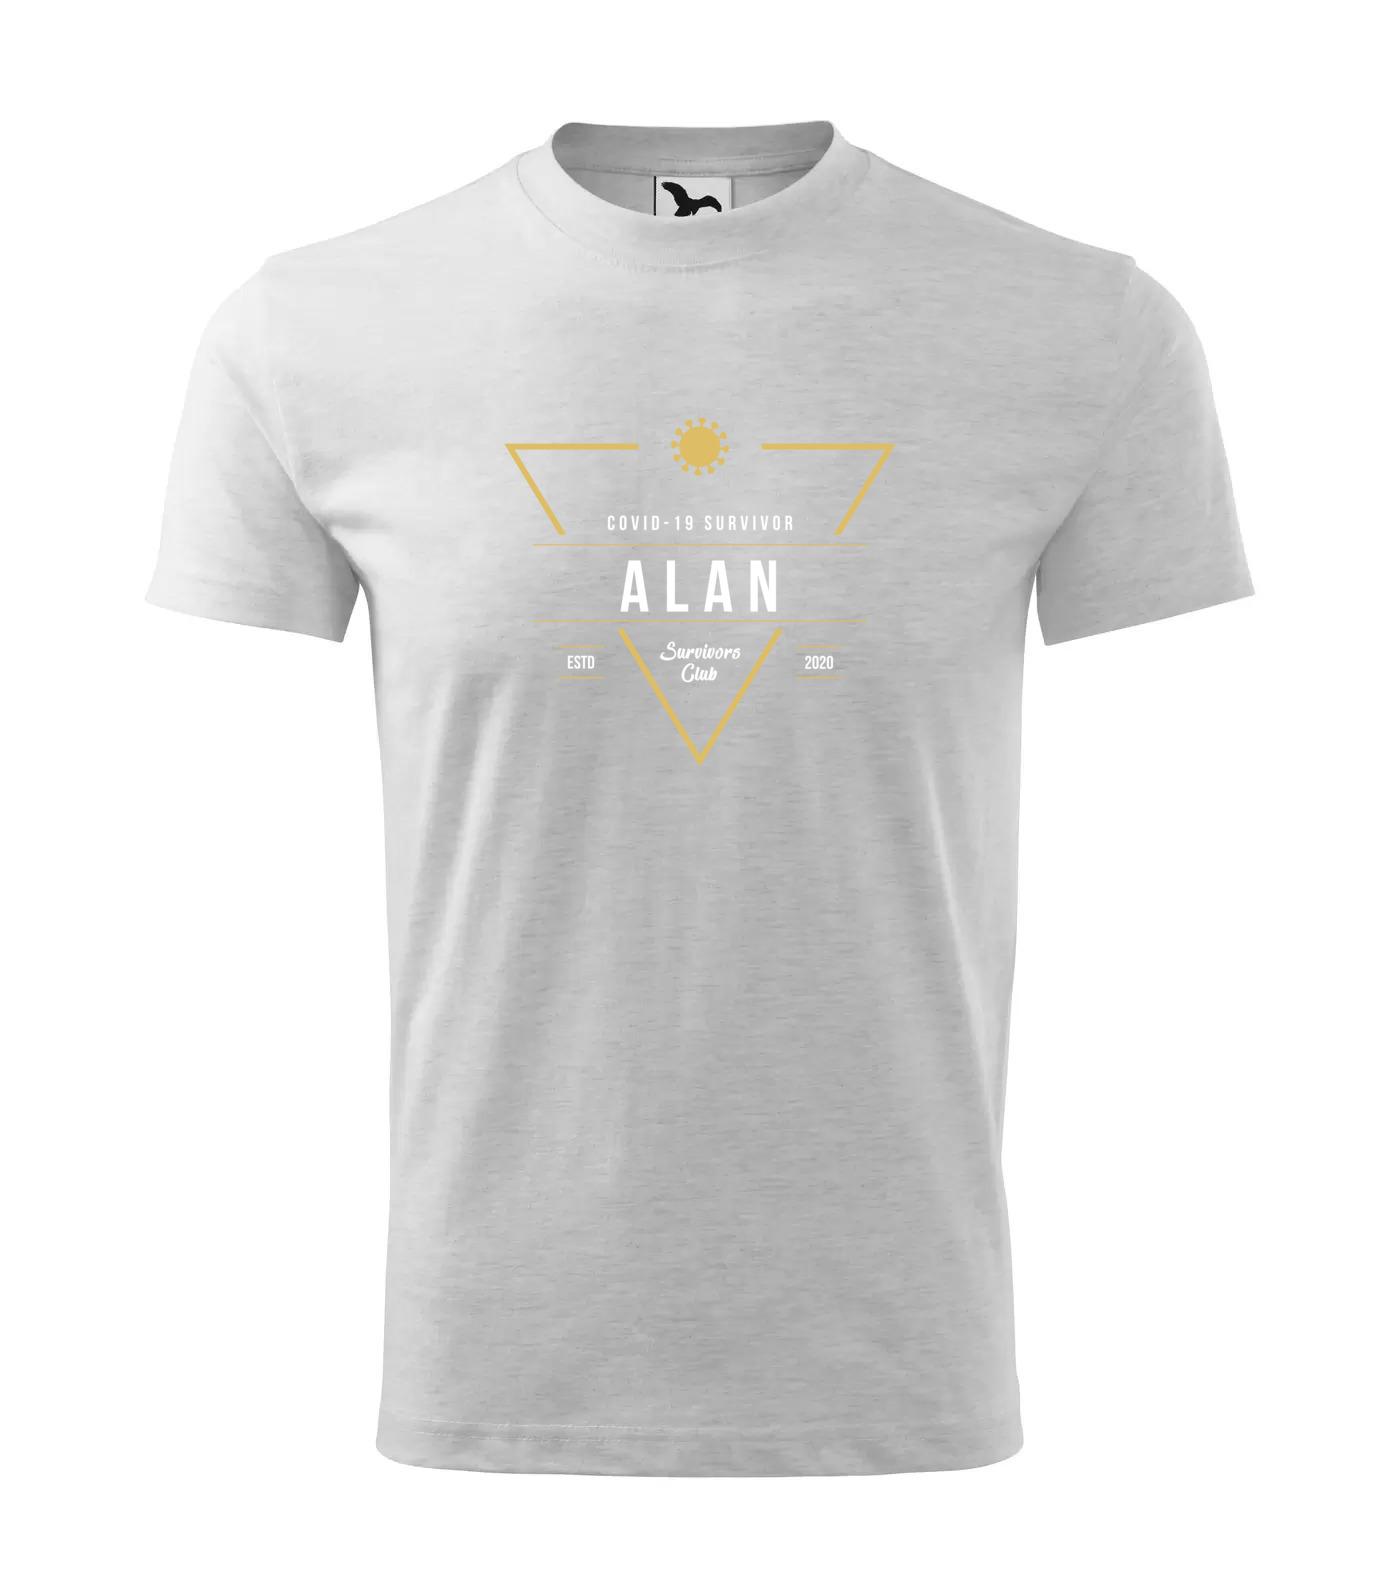 Tričko Survivor Club Alan